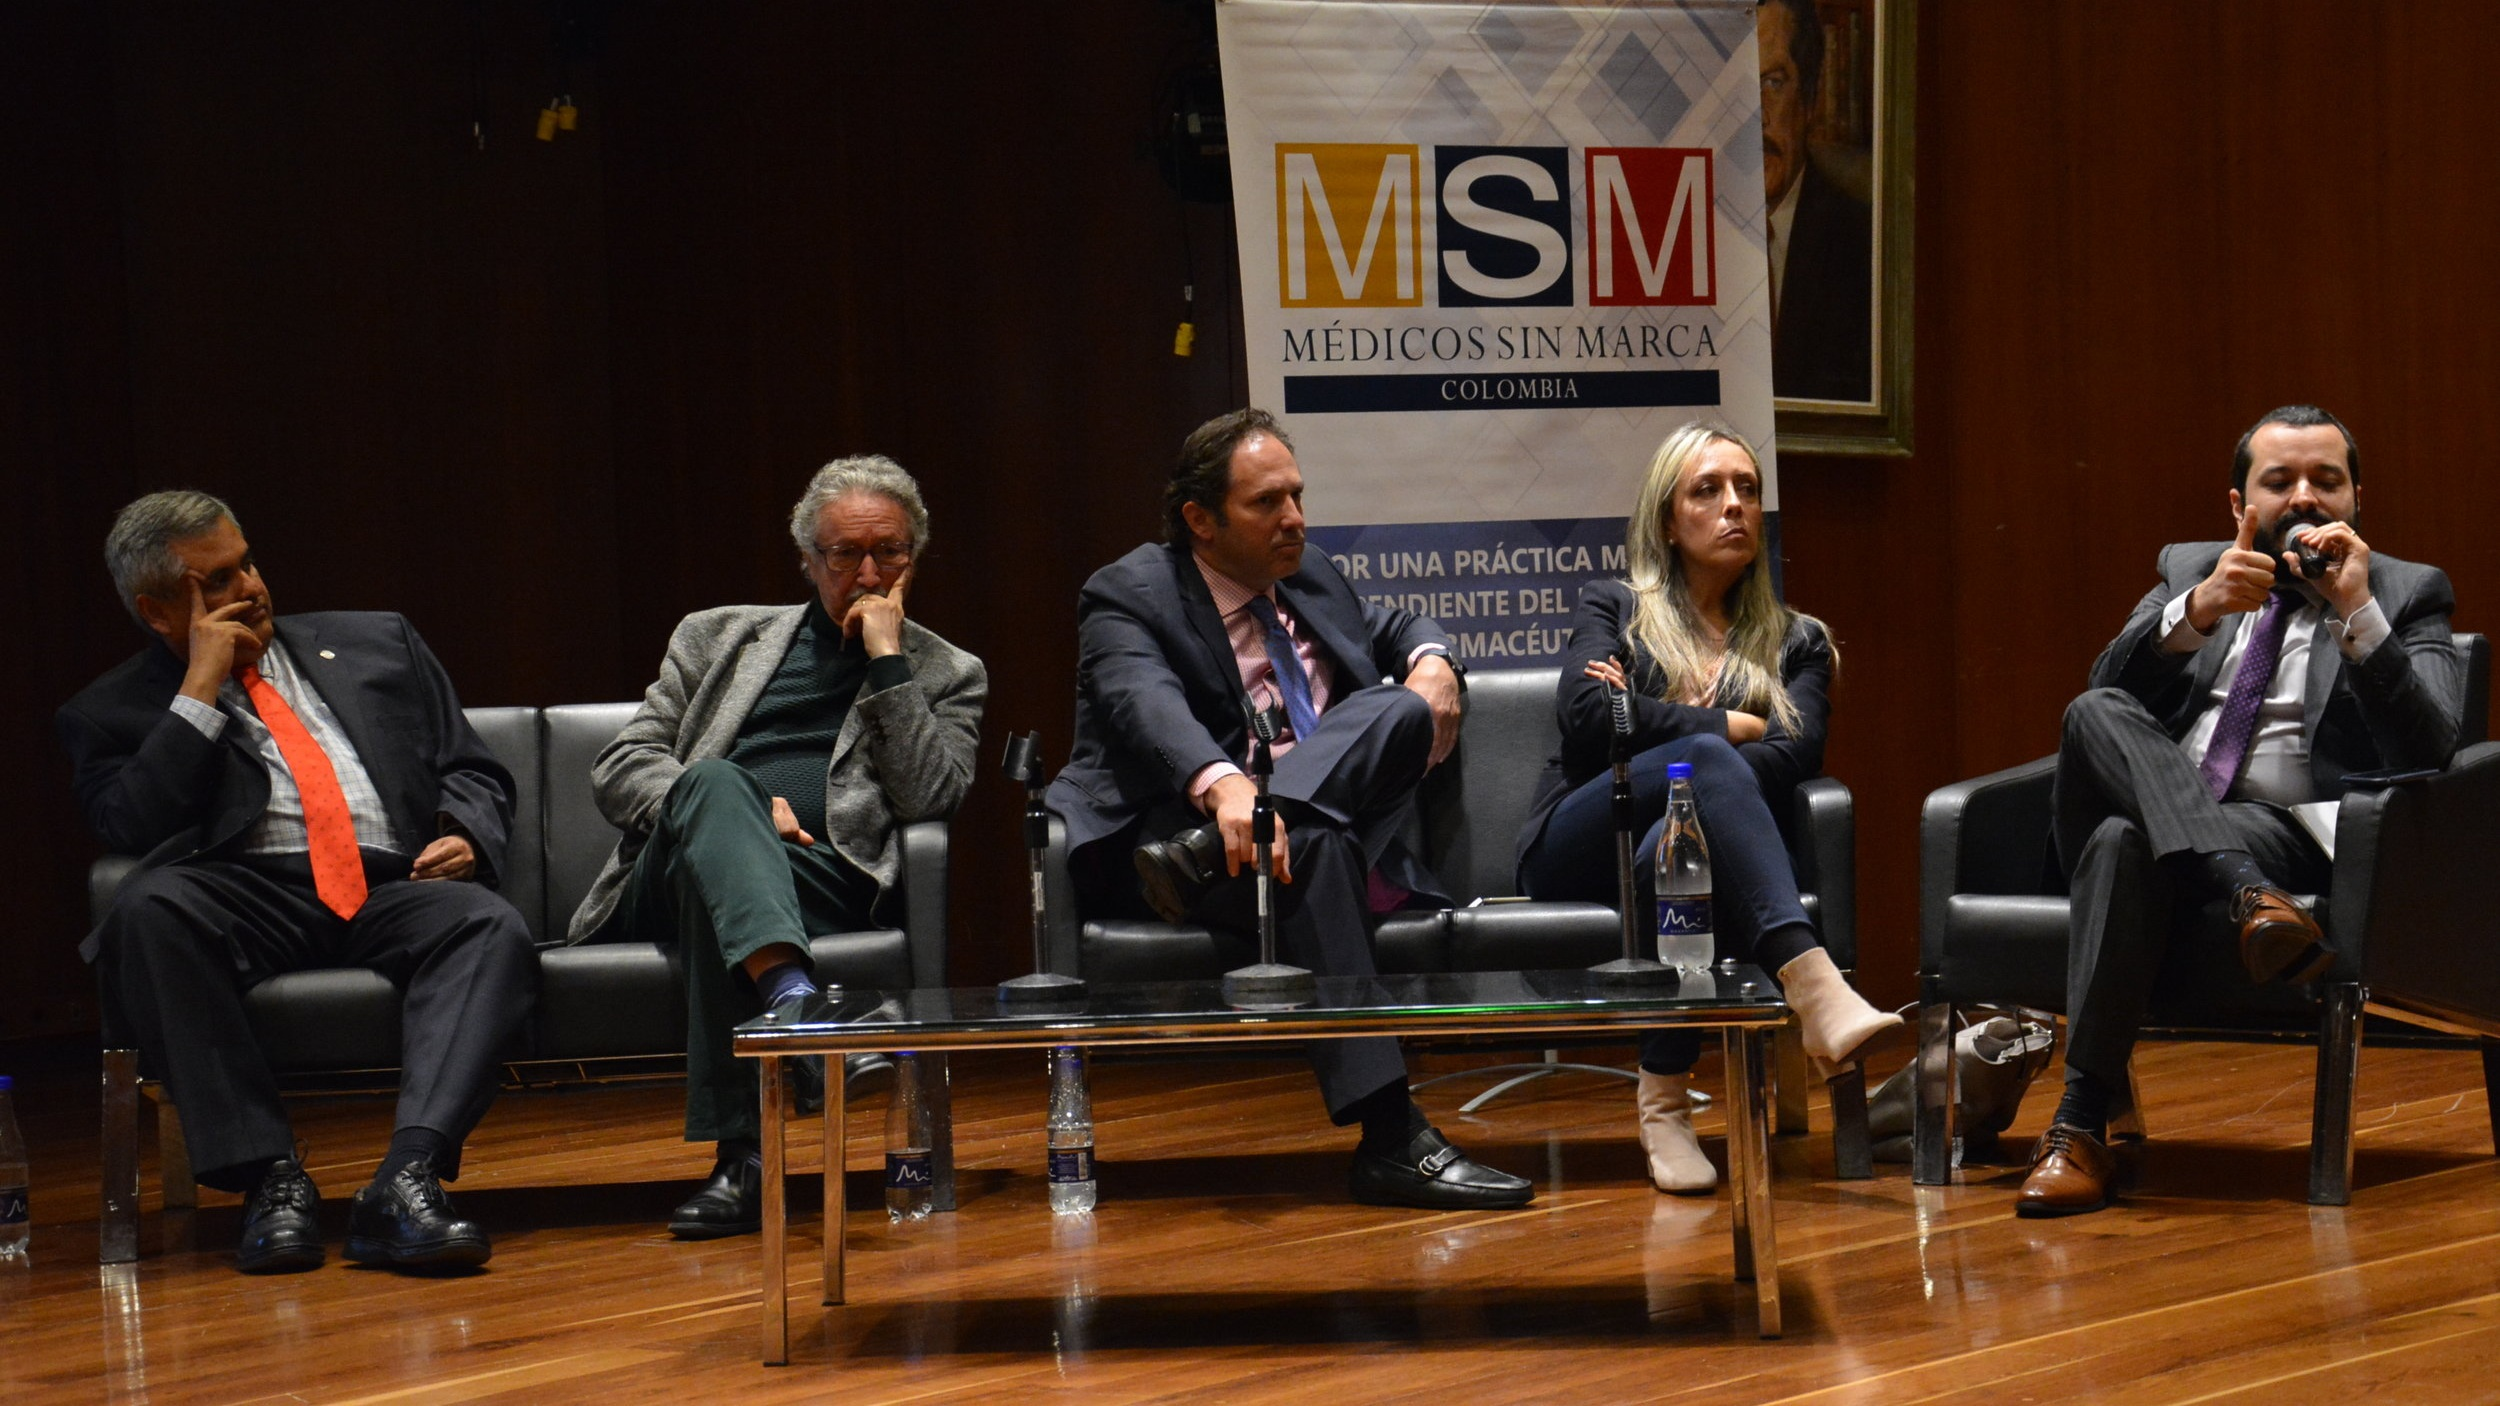 De izquierda a derecha: Hernán Aponte, Sergio Isaza, Alejandro Jaramillo, Lilian Torregrosa y Aurelio Mejía, en desarrollo del foro.